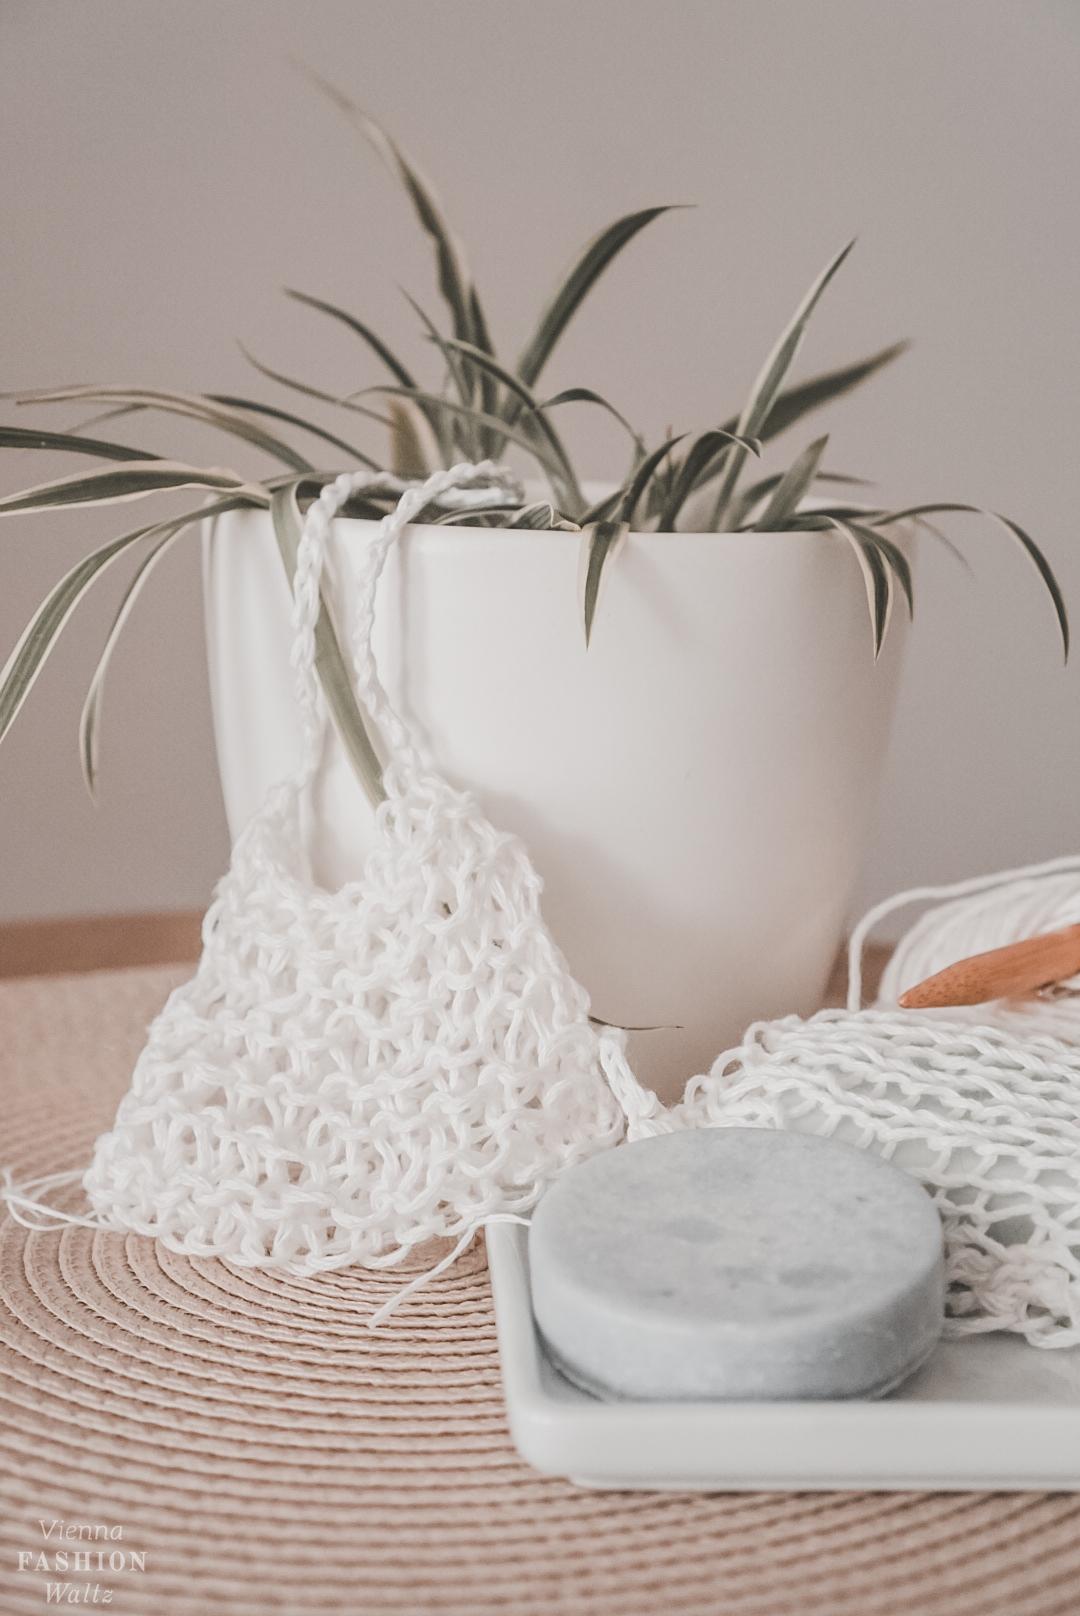 Nachhaltige Seifensäckchen stricken, DIY, kostenlose Anleitung, Nachhaltigkeit, Stricken, Selbermachen